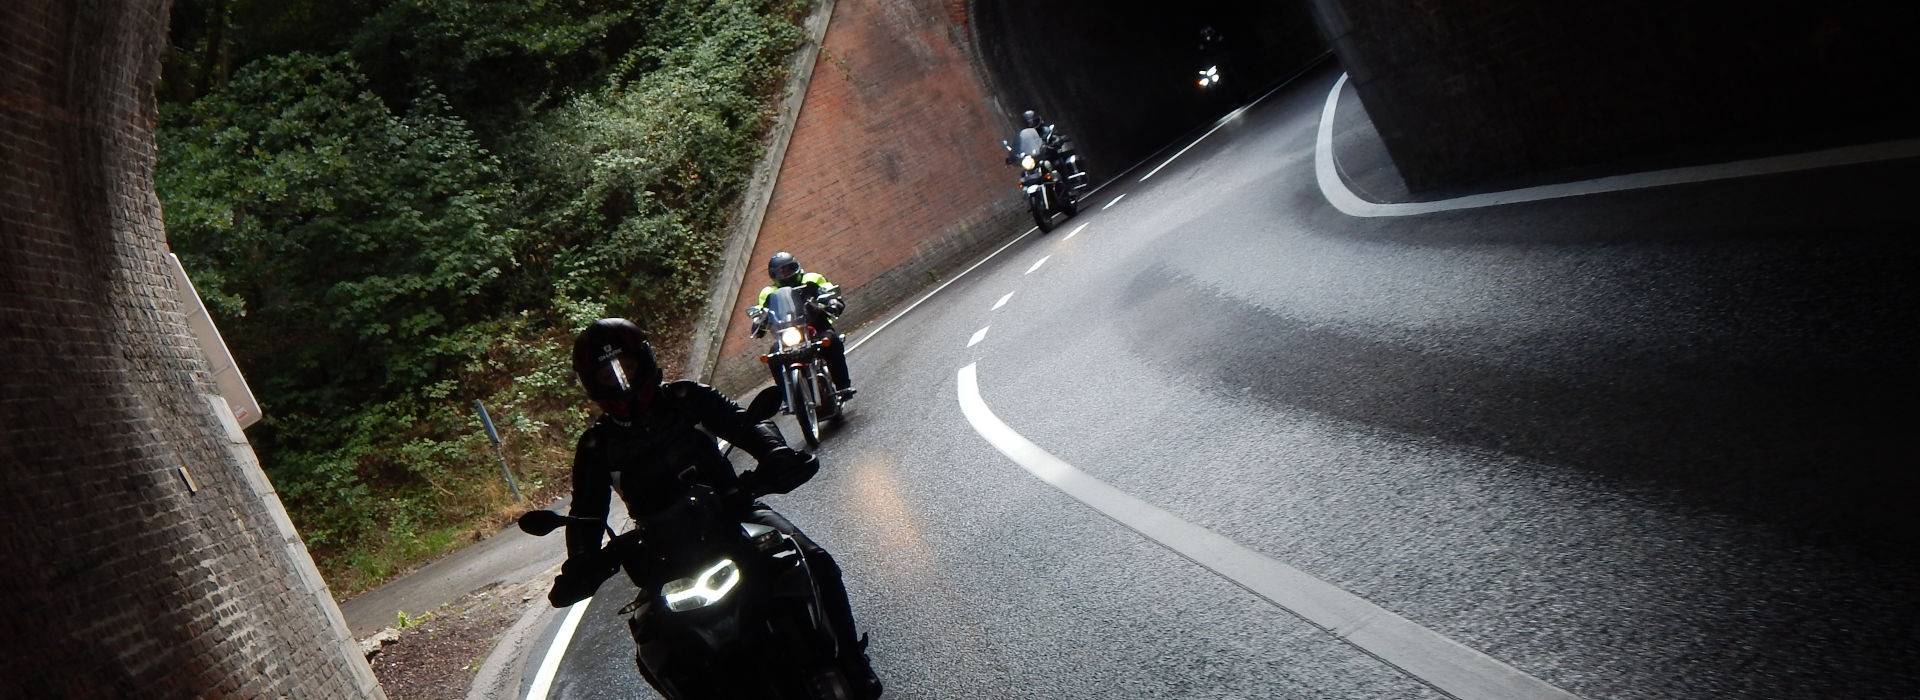 Motorrijbewijspoint Papendrecht motorrijlessen